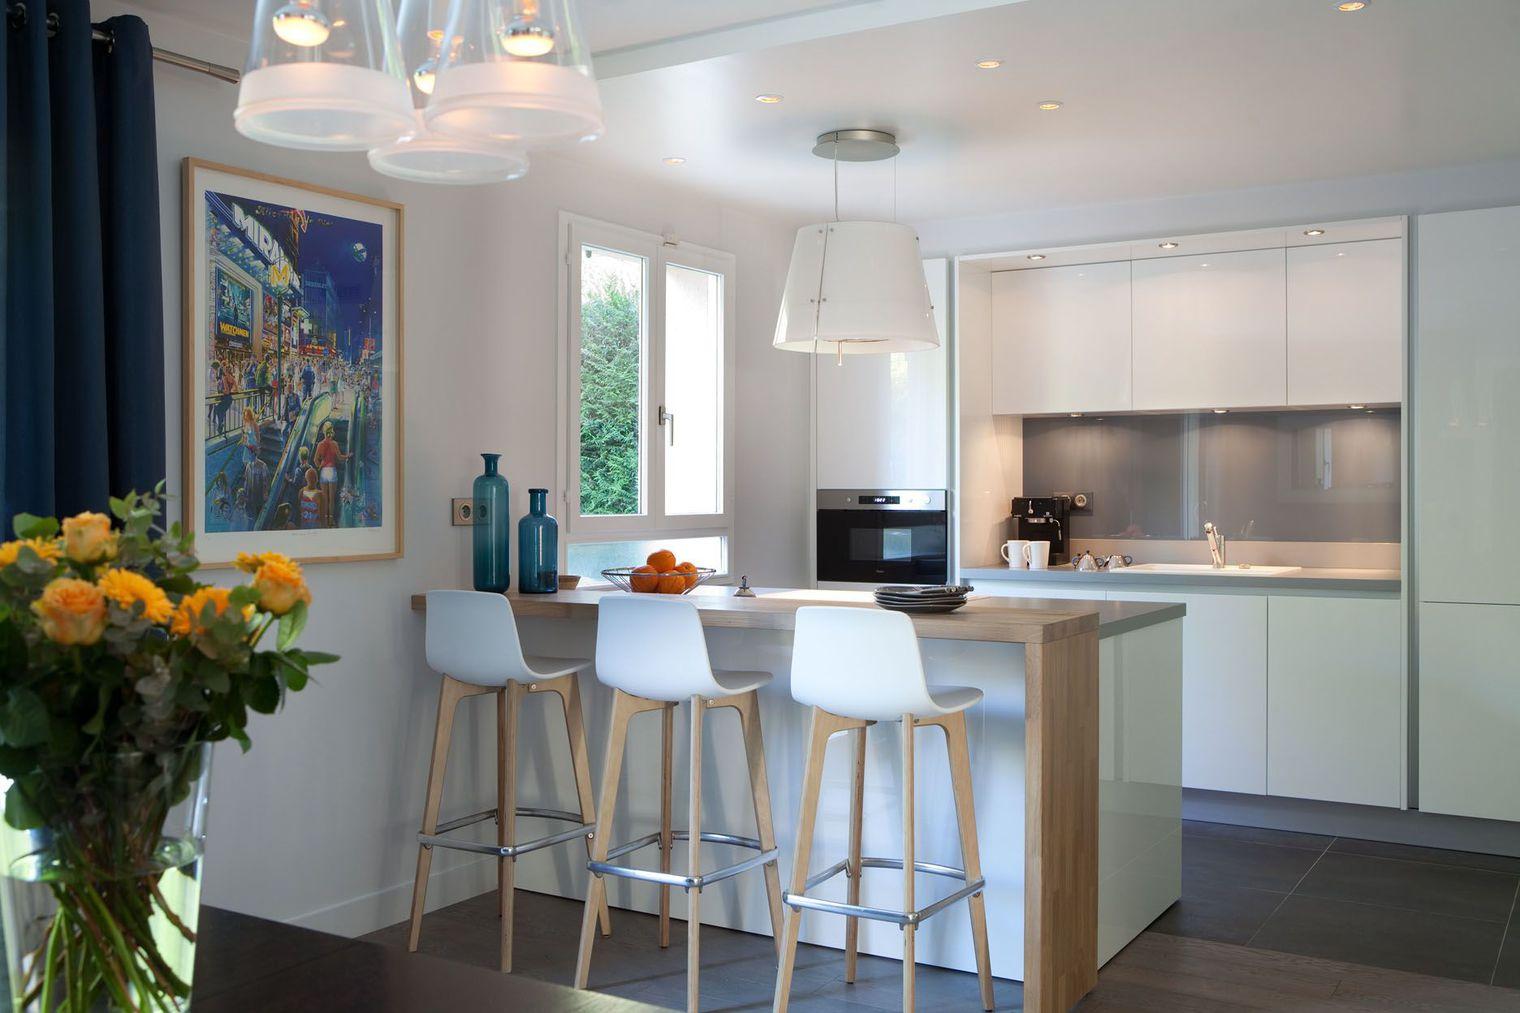 Cuisine semi ouverte top cuisine - Decoration cuisine americaine salon ...